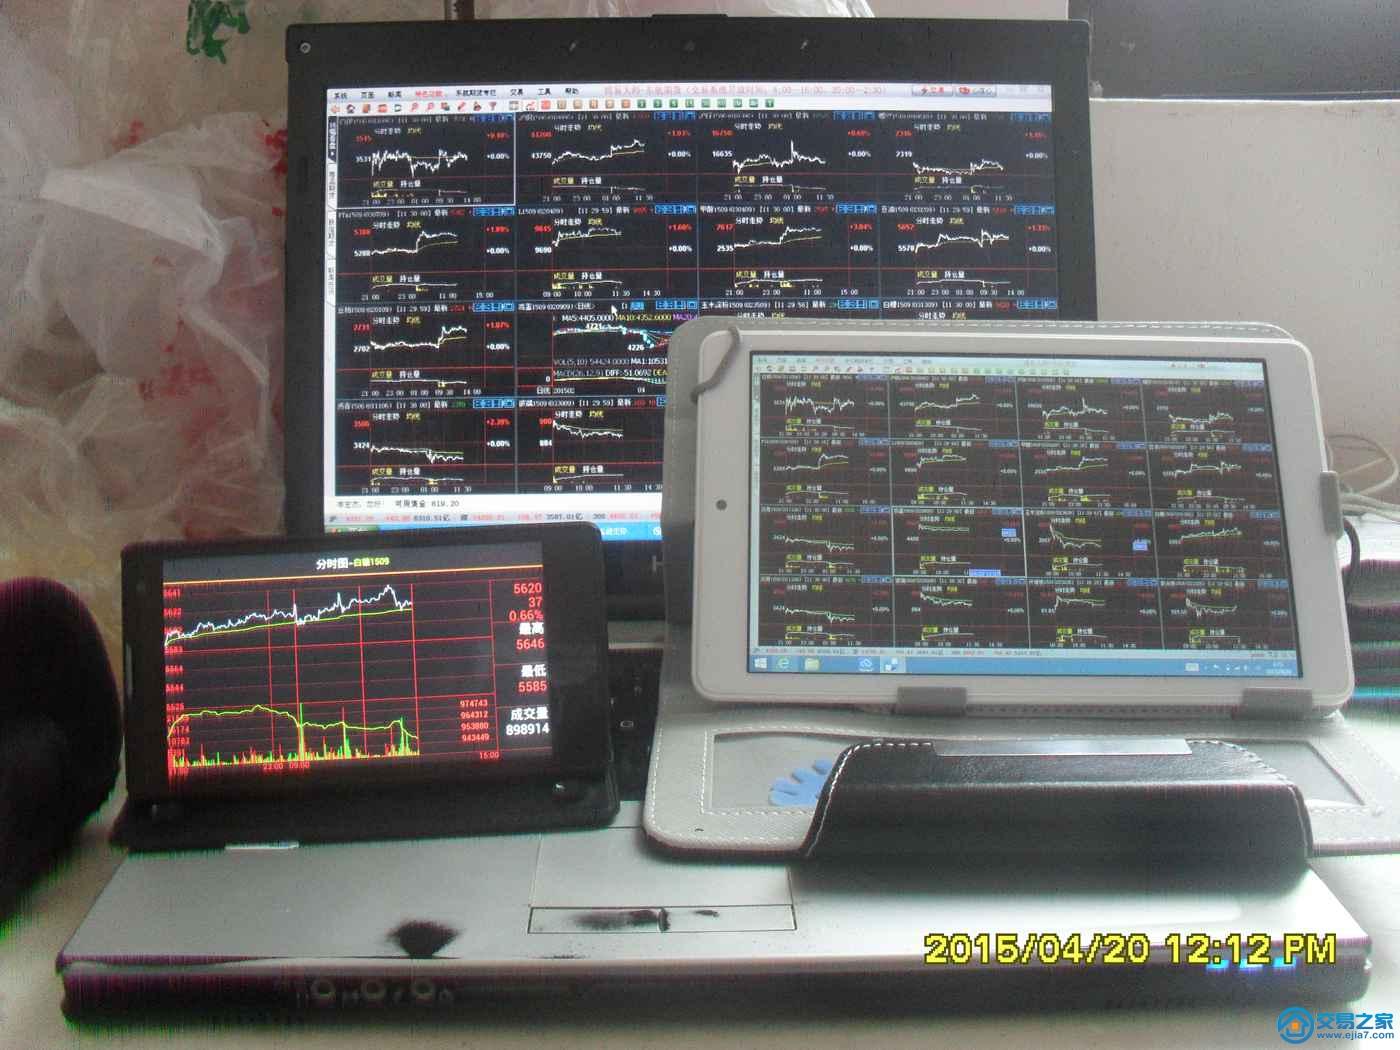 构造多显示器分屏多品种投机